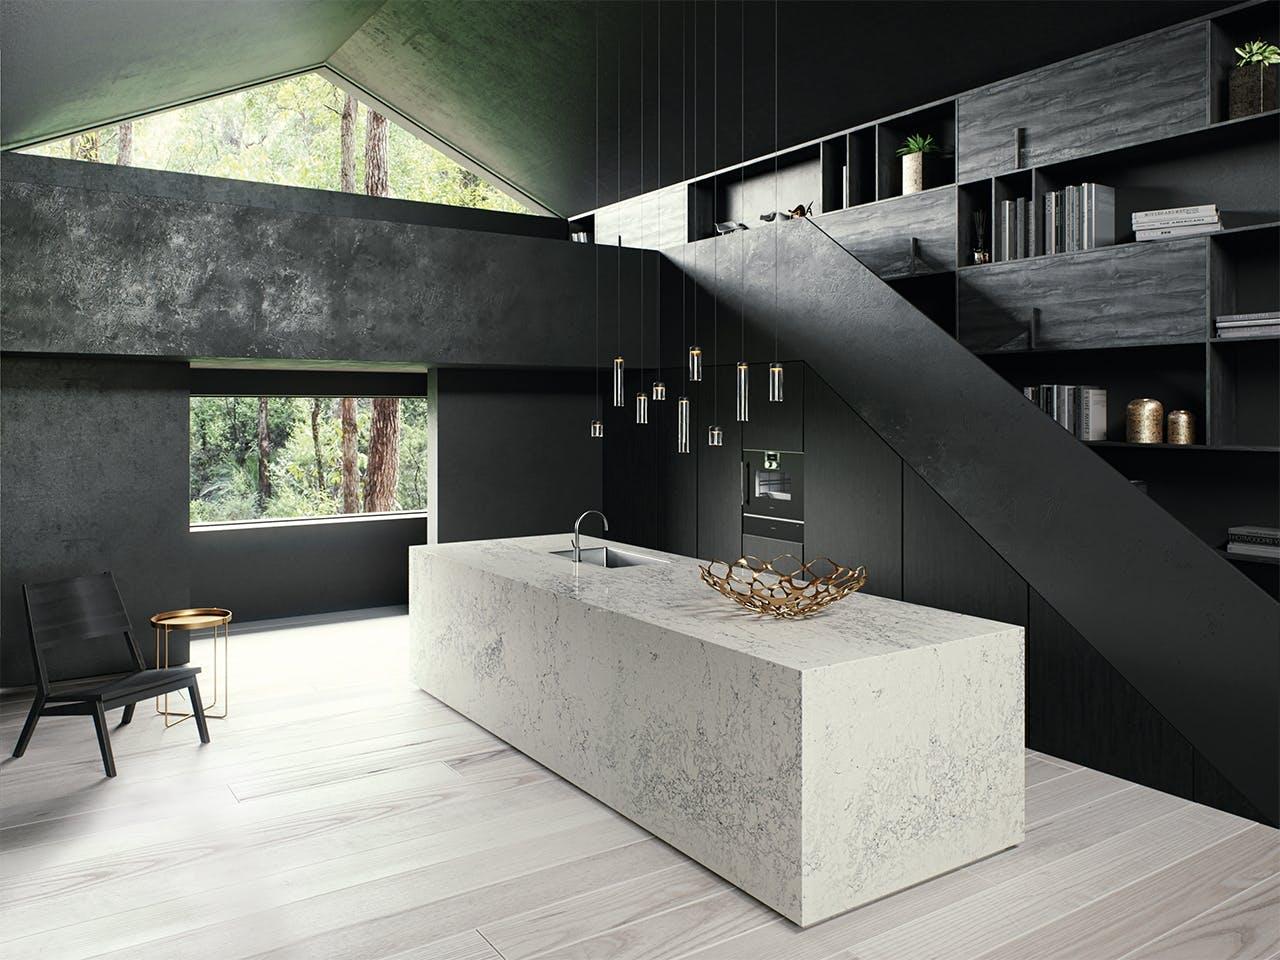 Caesarstone køkken i sort og lys sten